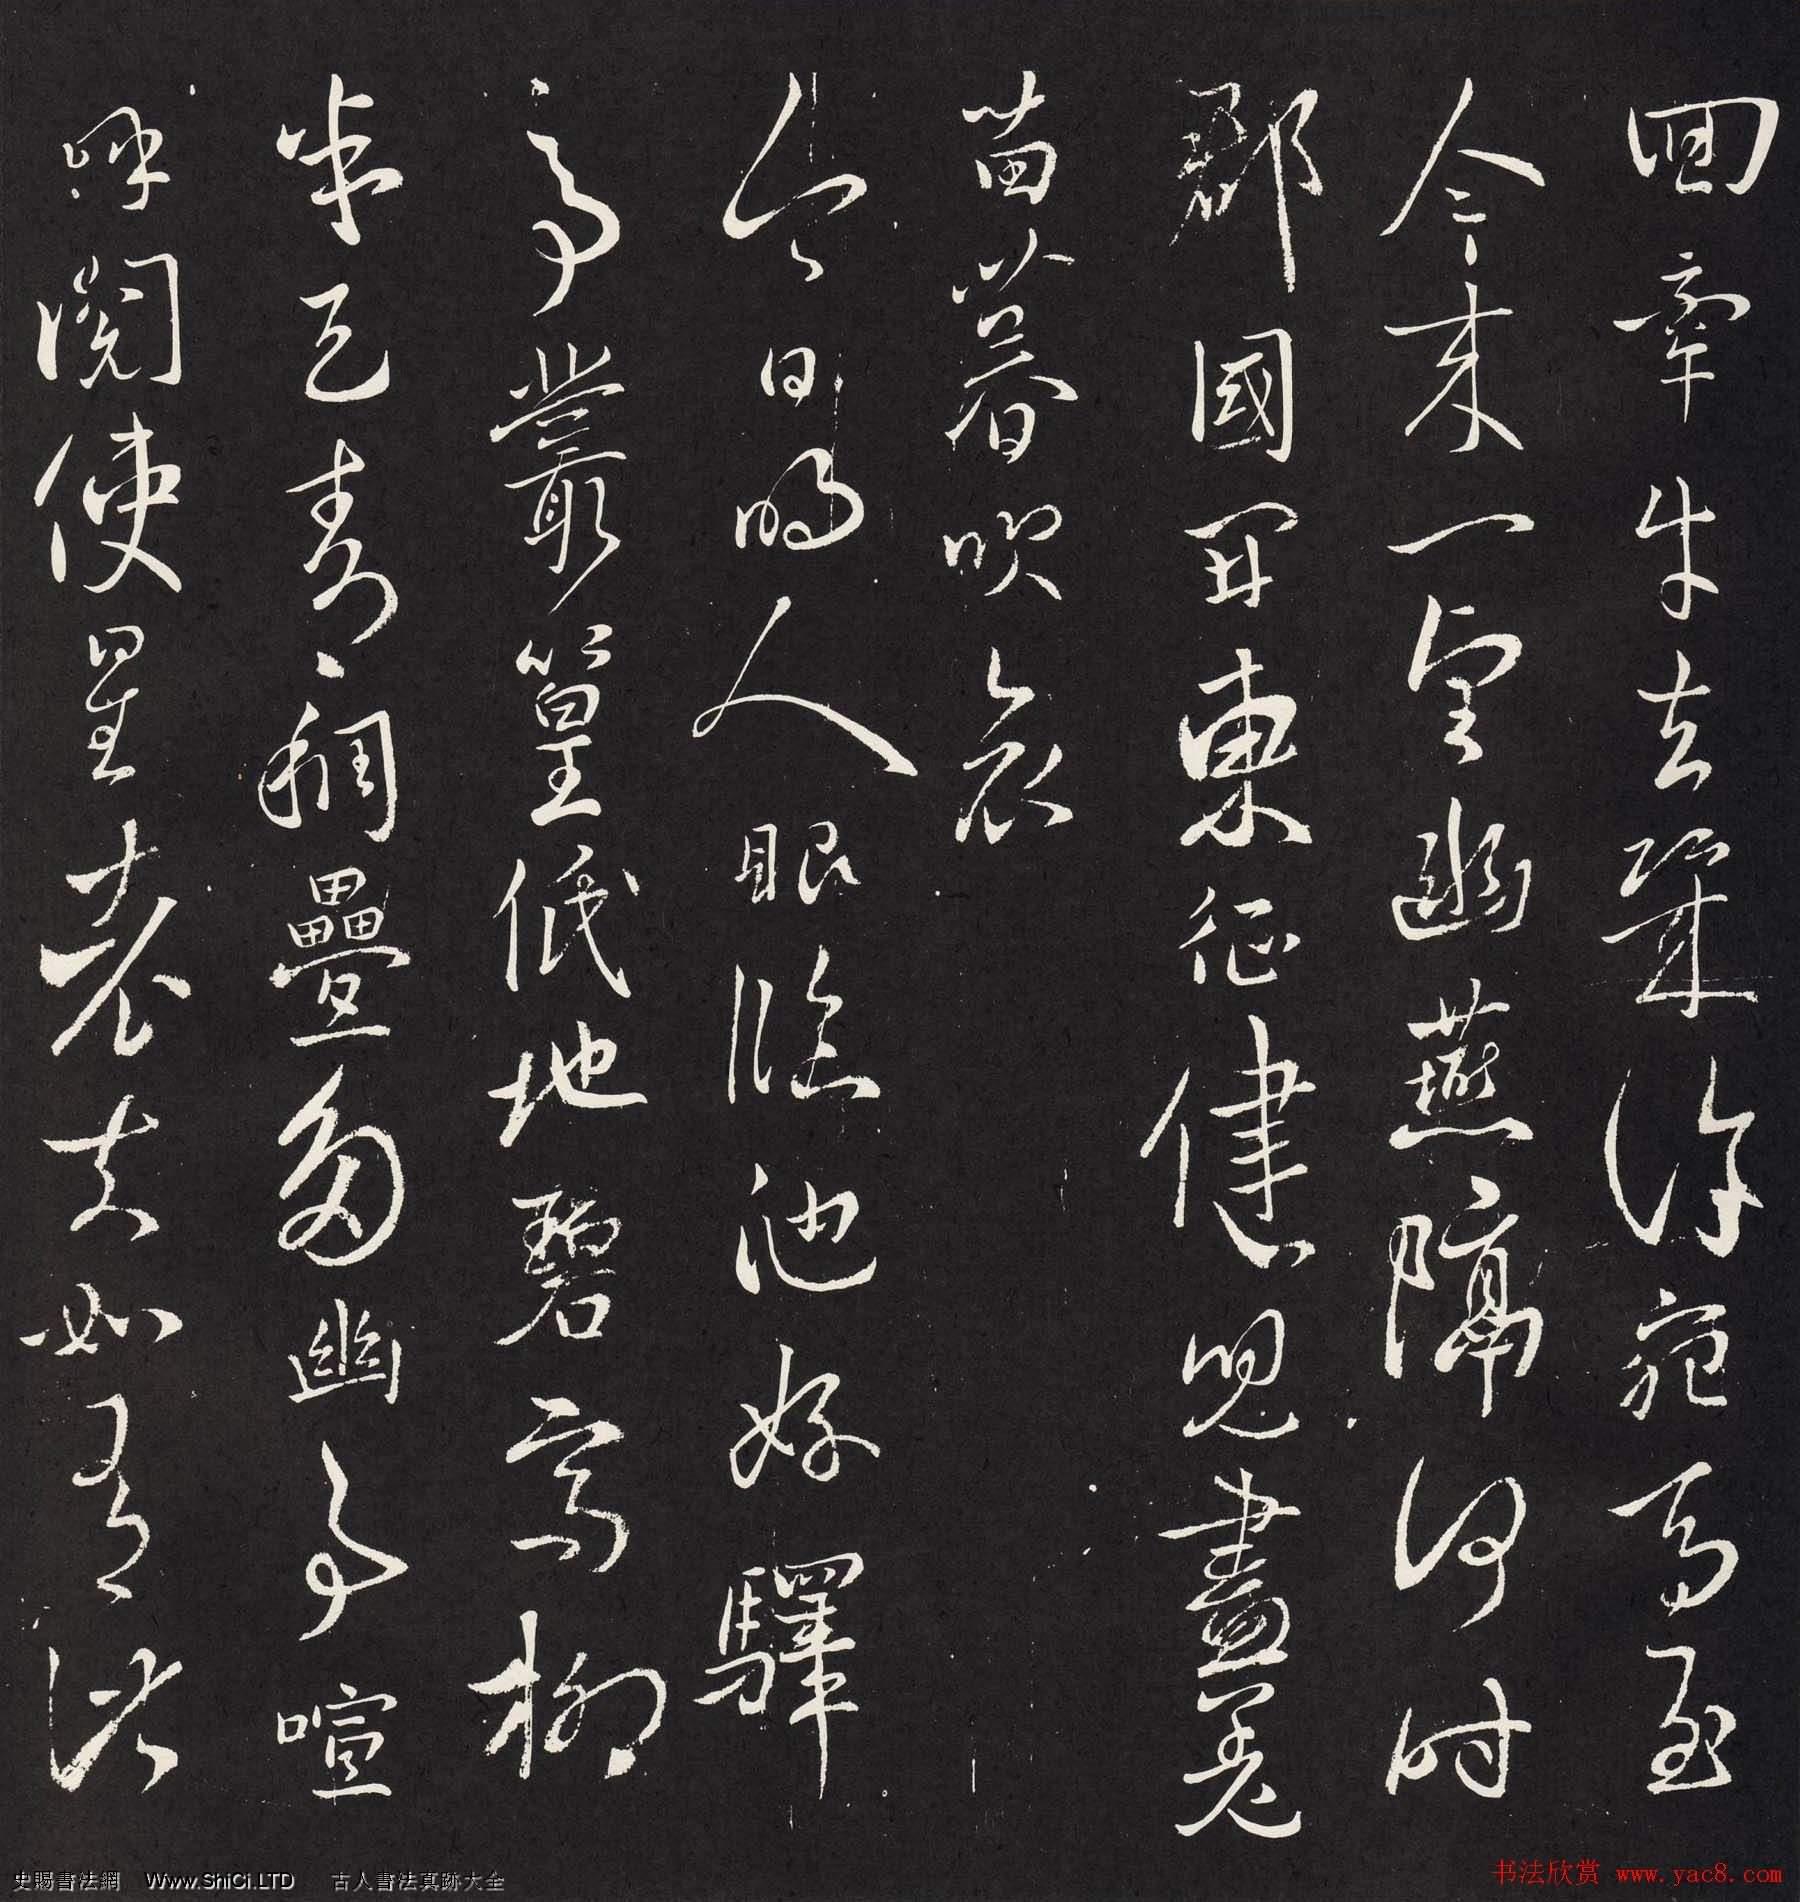 二王書道の書帖「二妙軒碑」の杜詩石刻(全部で54枚の写真)